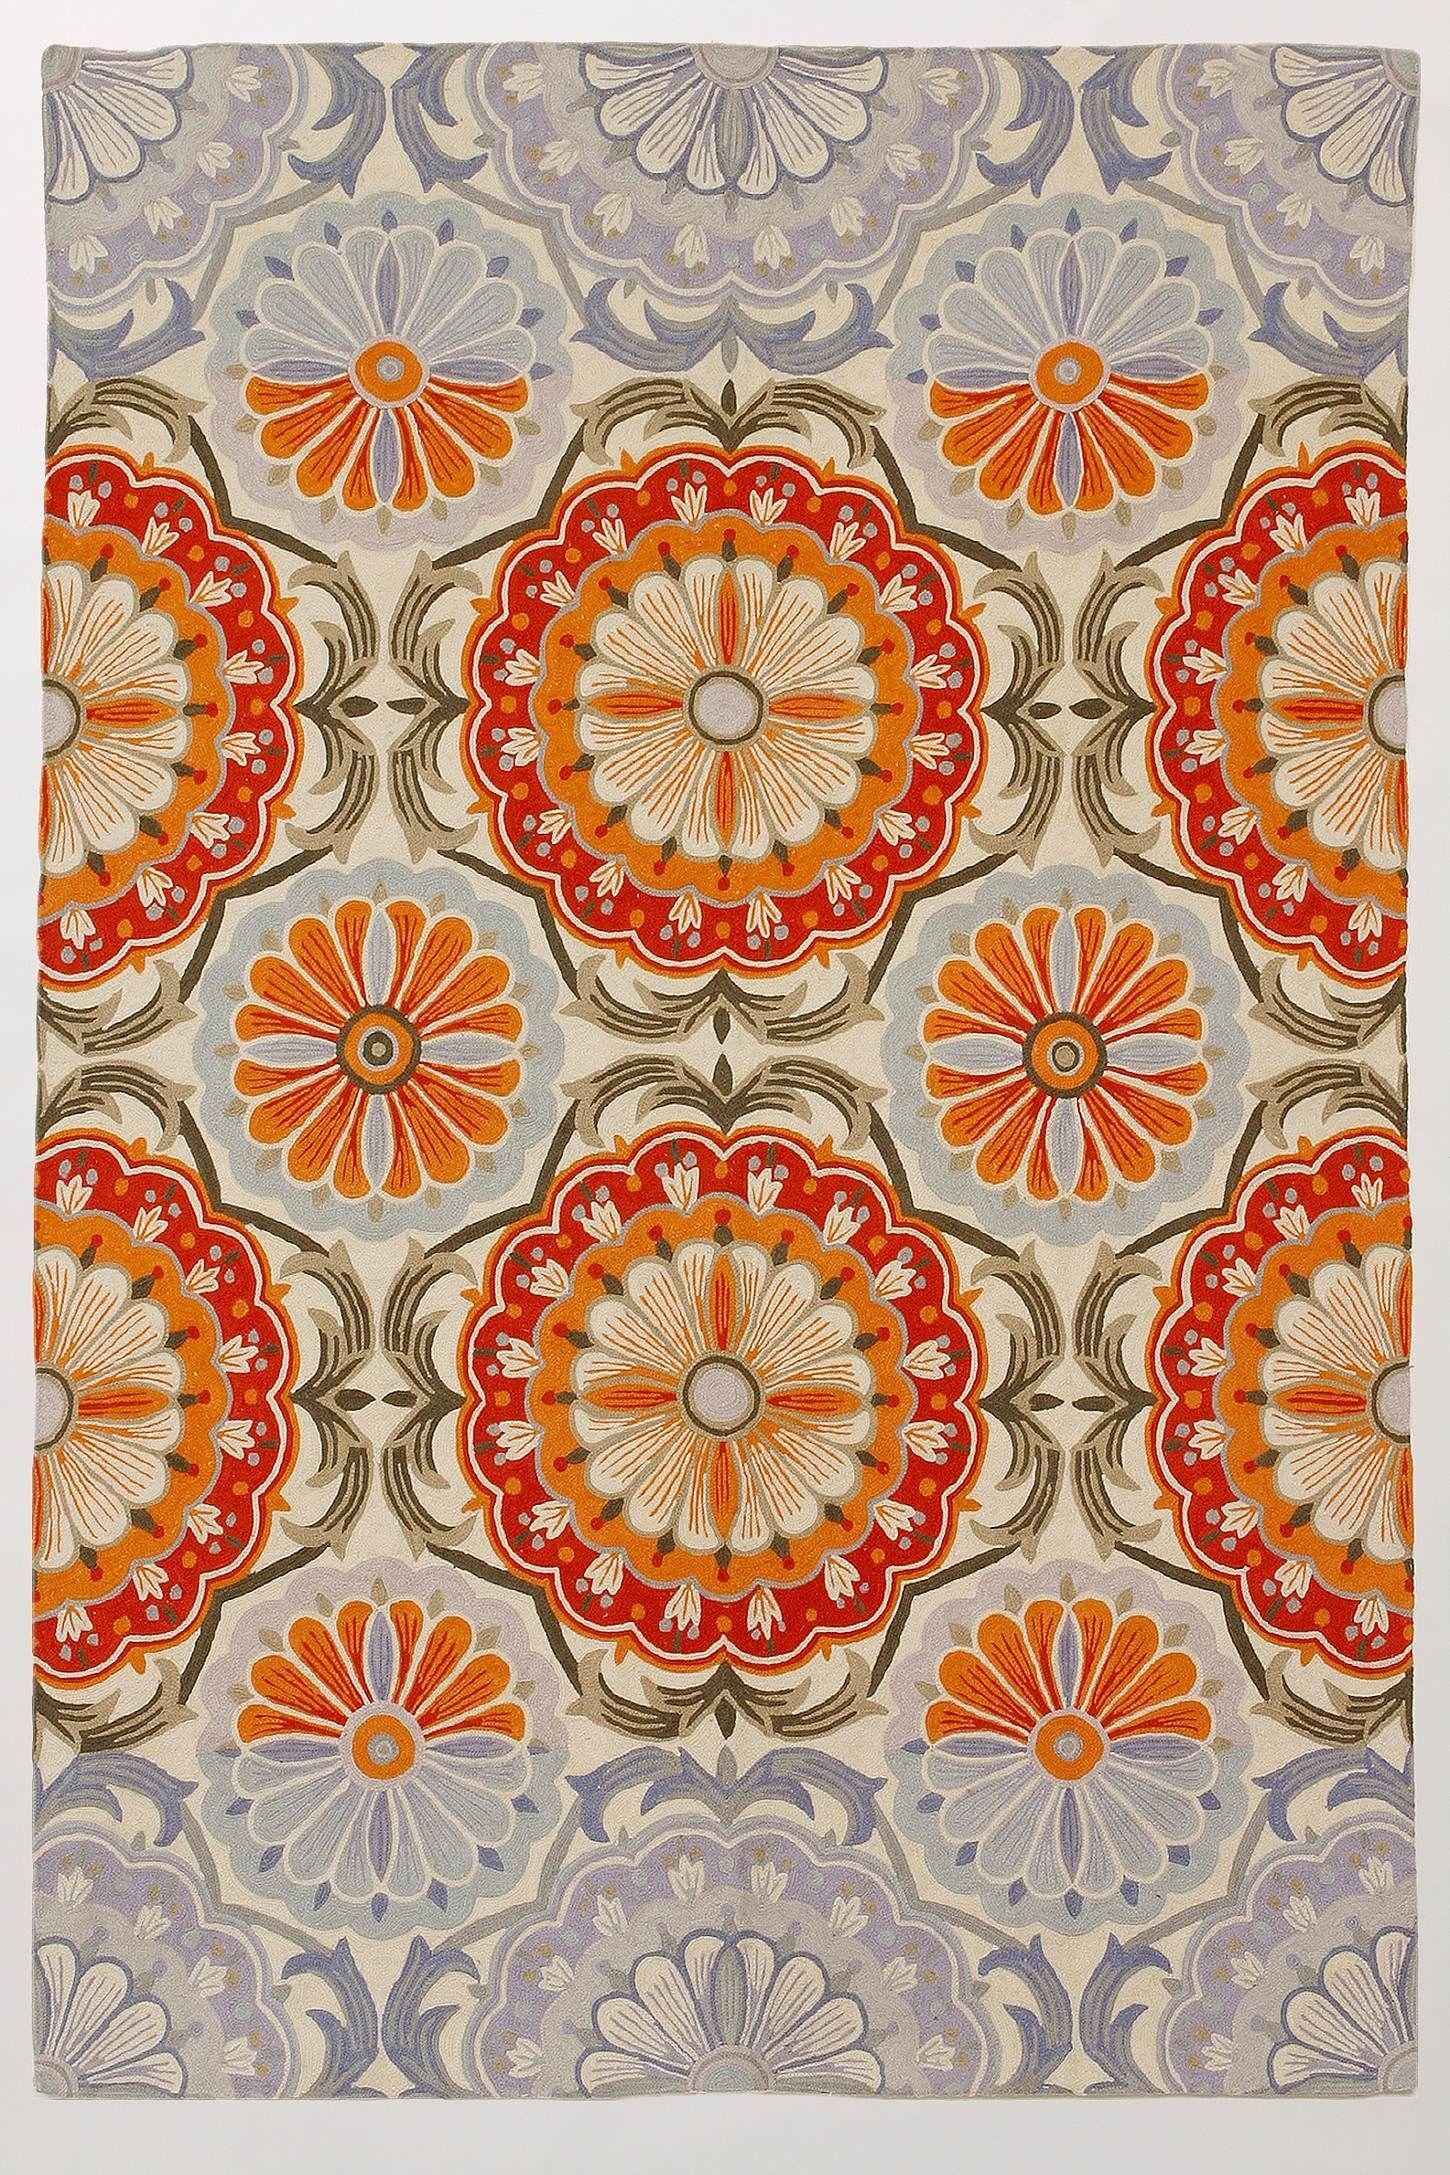 Premium Felted Rug Pad Con Imagenes Pinturas Alfombras Kilim Patrones Textiles